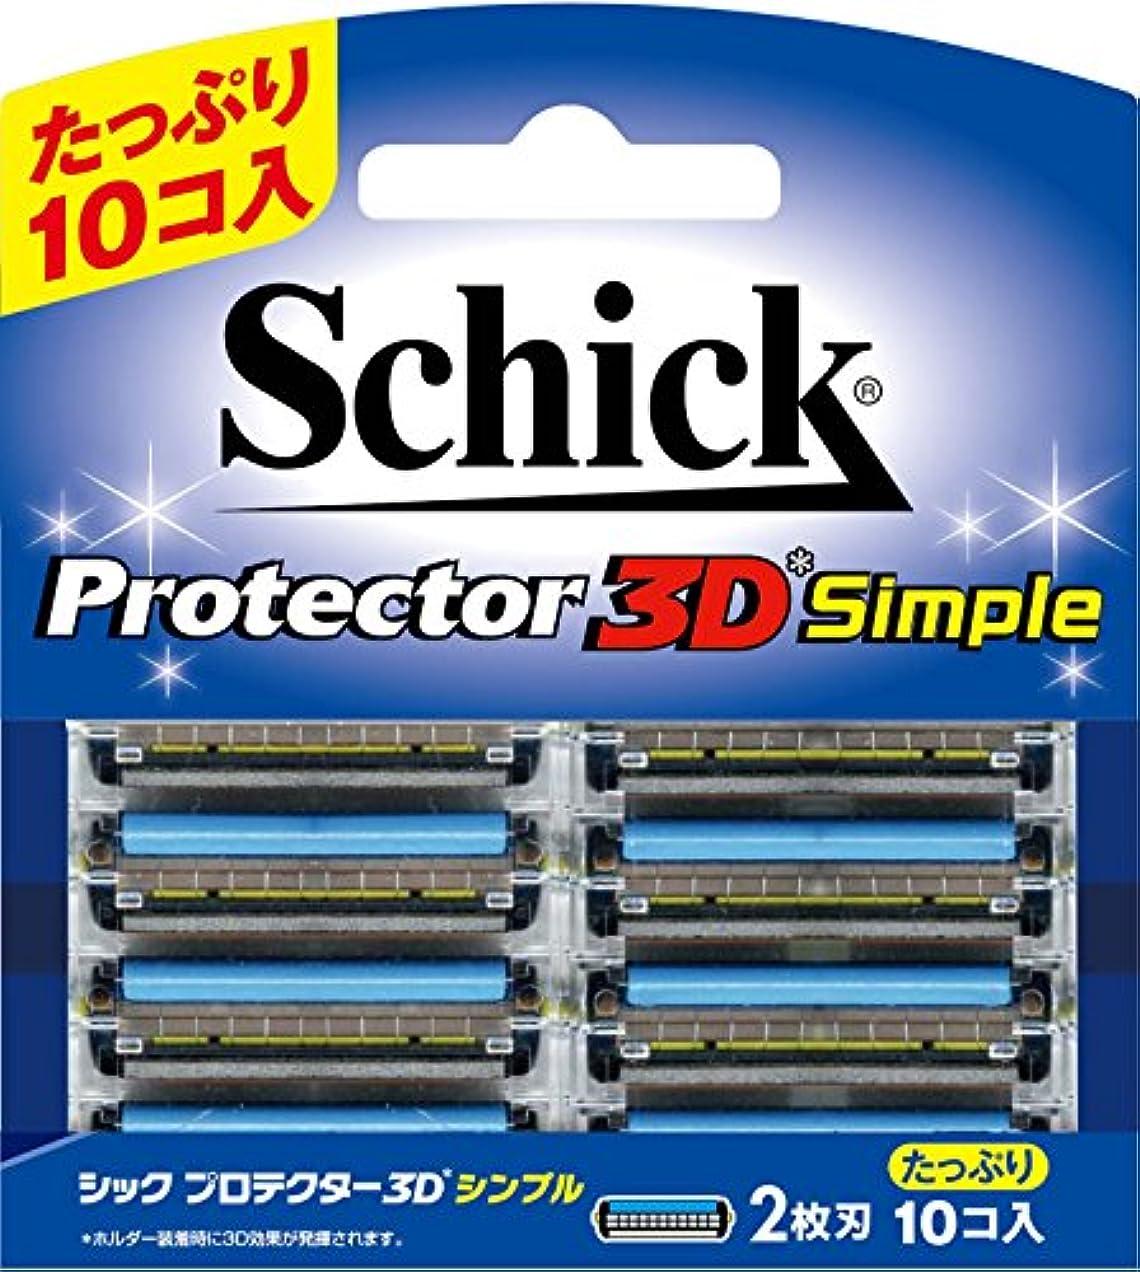 シック プロテクター3D シンプル 替刃 (10コ入)